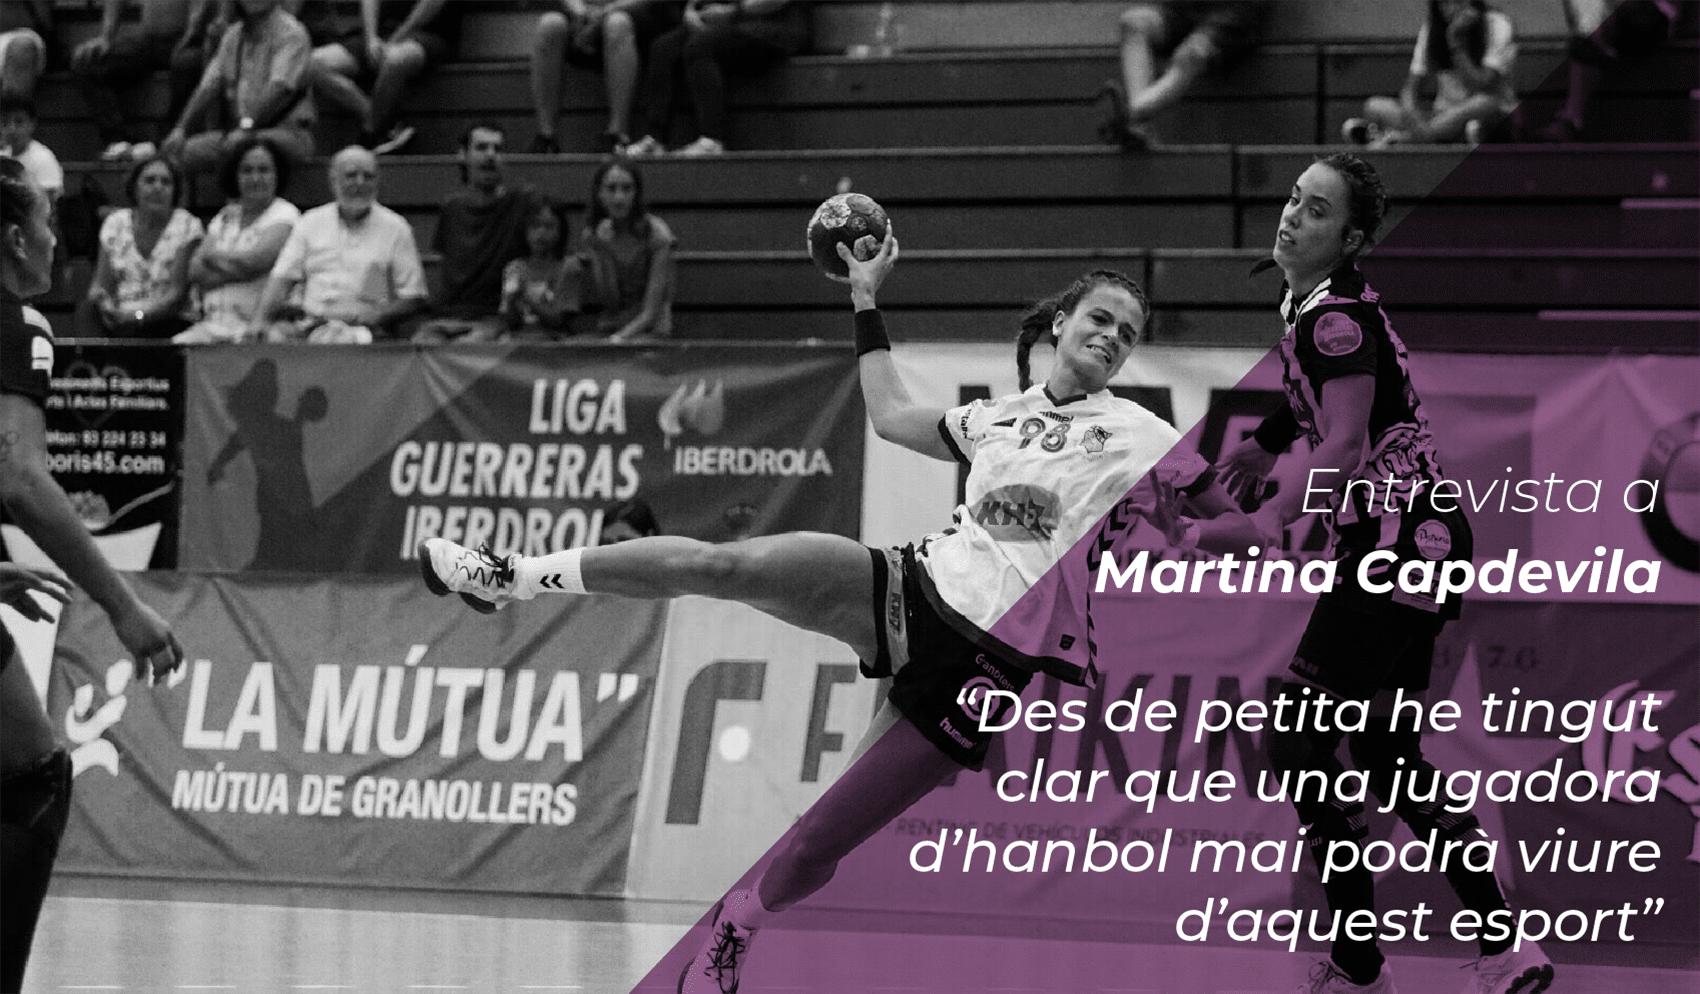 """Martina Capdevila: """"Des de petita he tingut clar que una jugadora d'handbol no pot viure d'aquest esport"""" 1"""